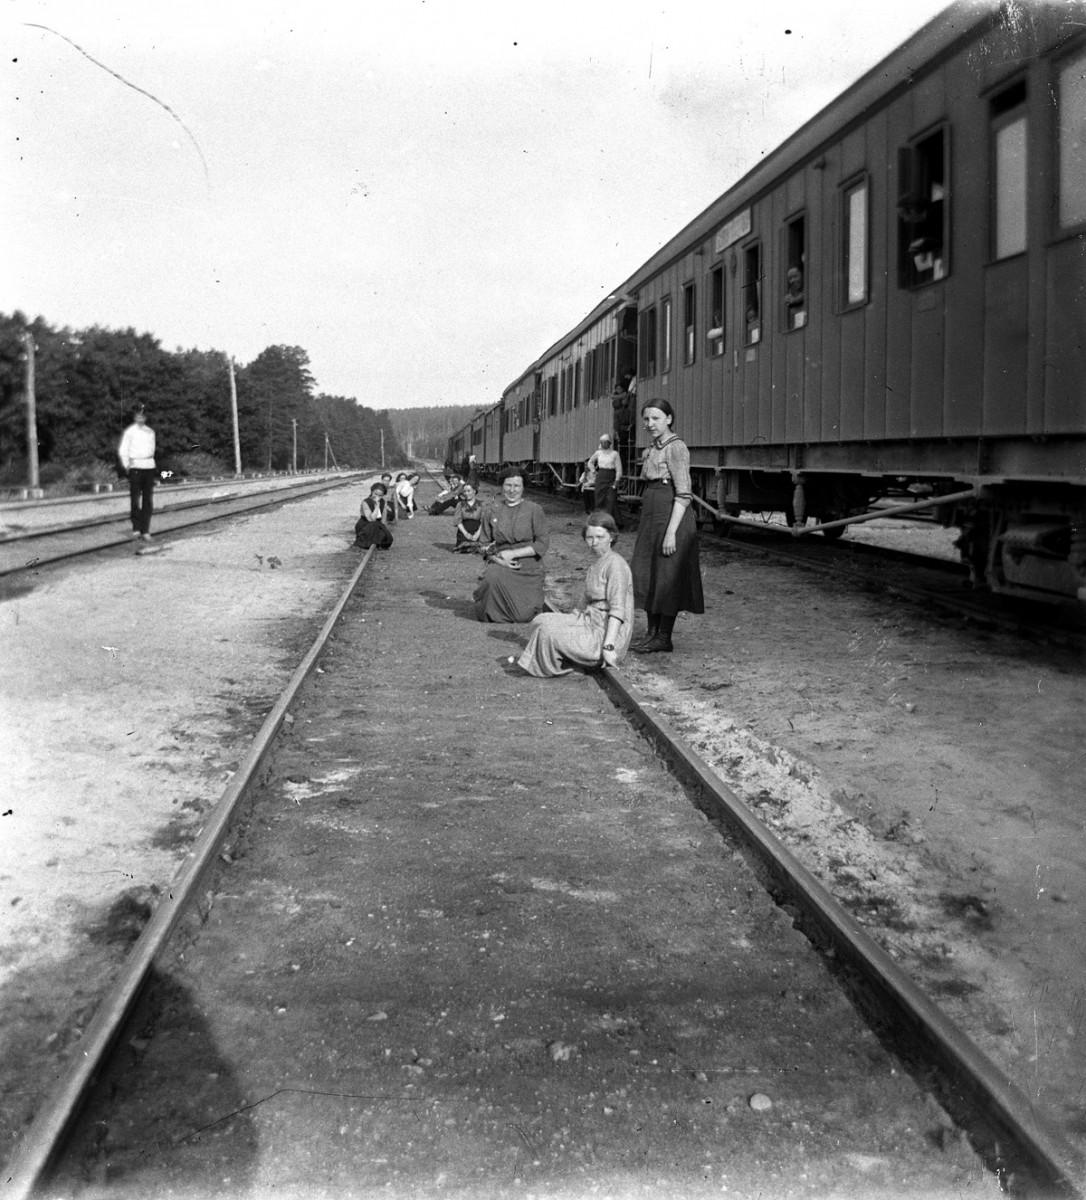 Люди на фоне железнодорожных путях у вагонов